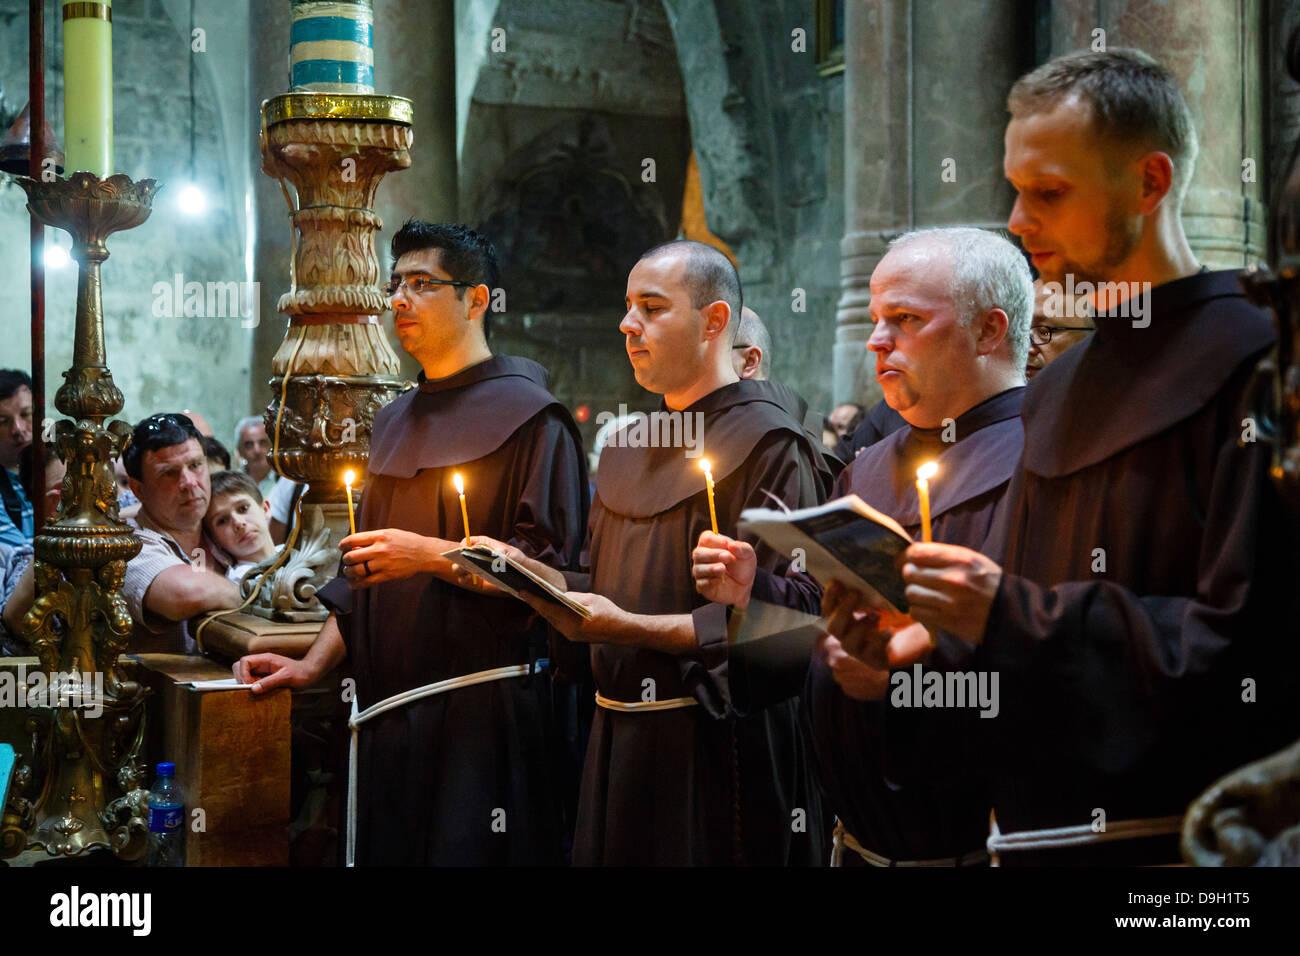 Les moines Franciscains à l'église du Saint-Sépulcre dans la vieille ville, Jérusalem, Israël. Photo Stock